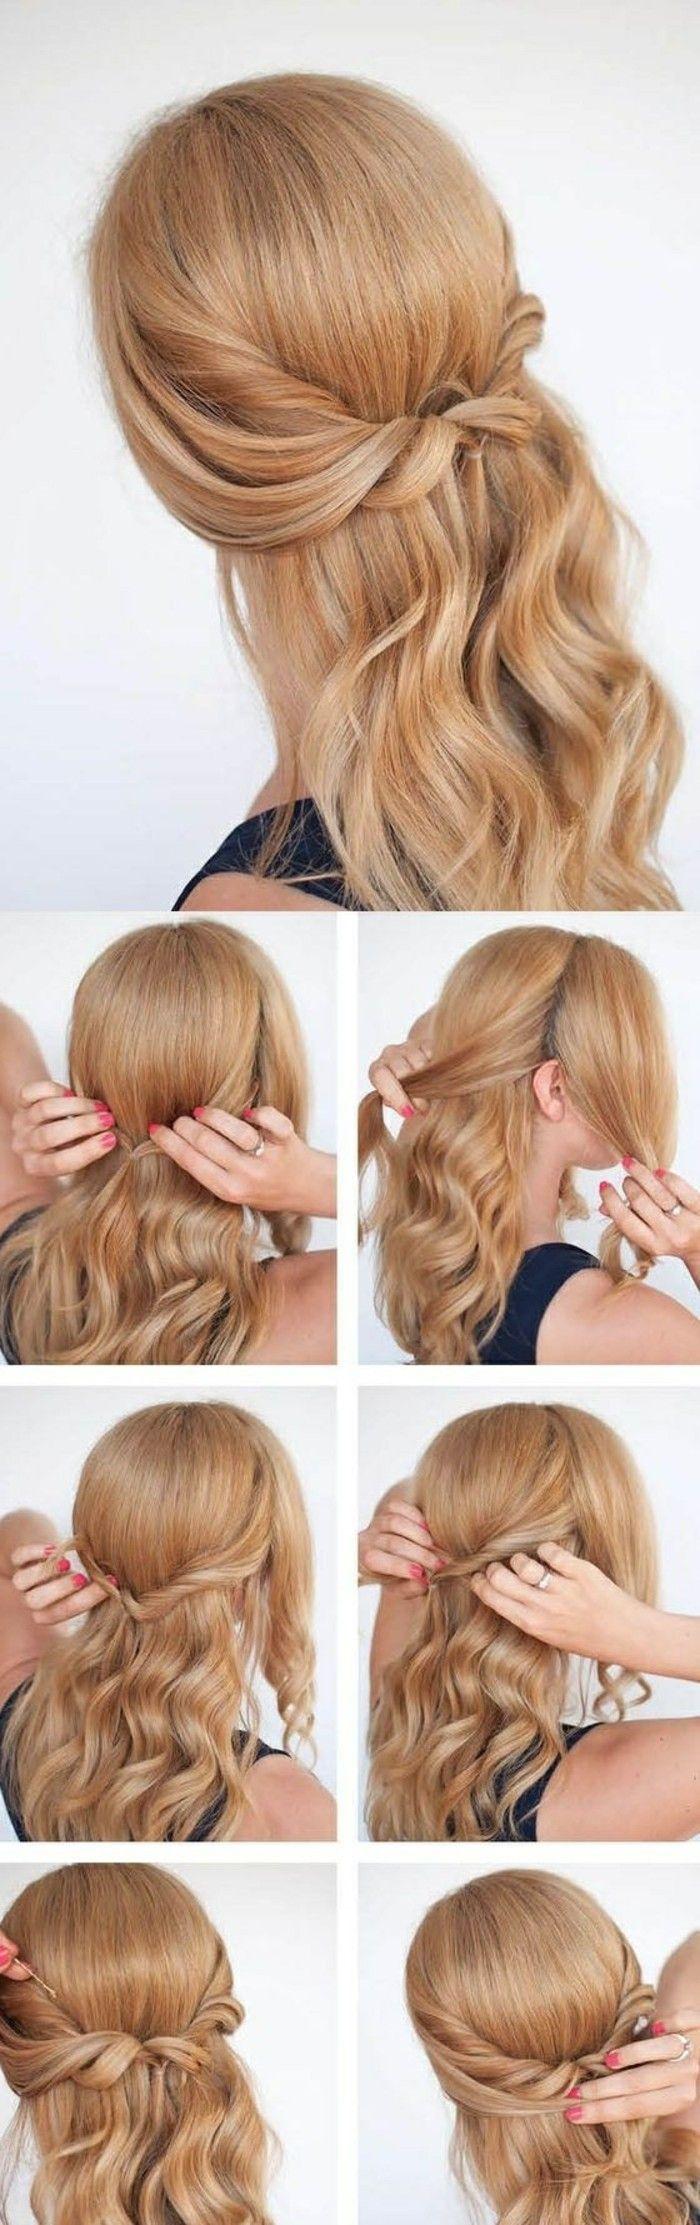 1001 Ideen Fur Schone Haarfrisuren Plus Anleitungen Zum Selbermachen Haarfrisuren Frisuren Fur Lockiges Haar Geflochtene Frisuren